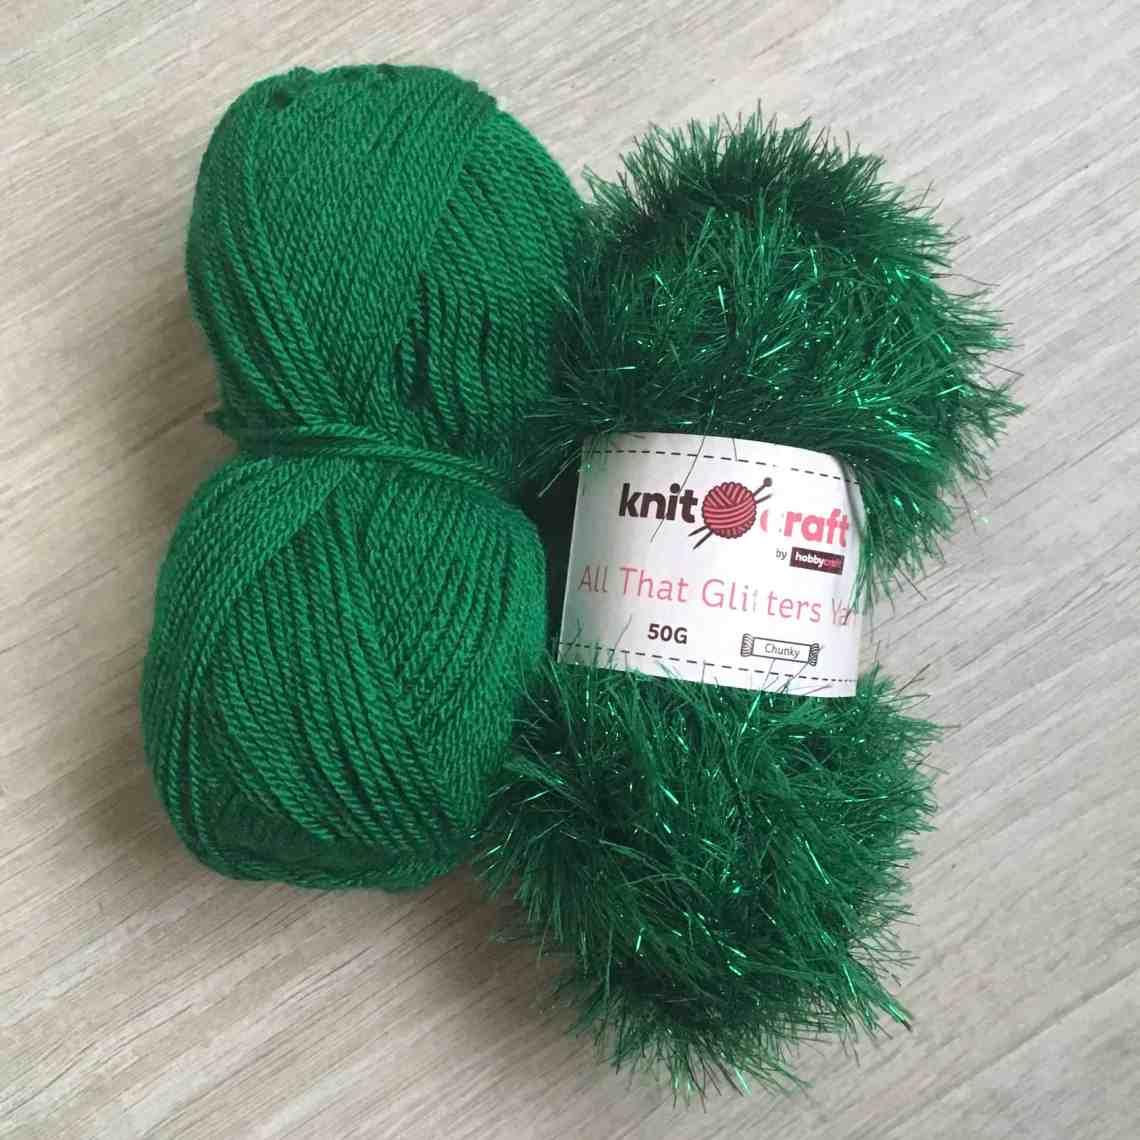 green tinsel yarn